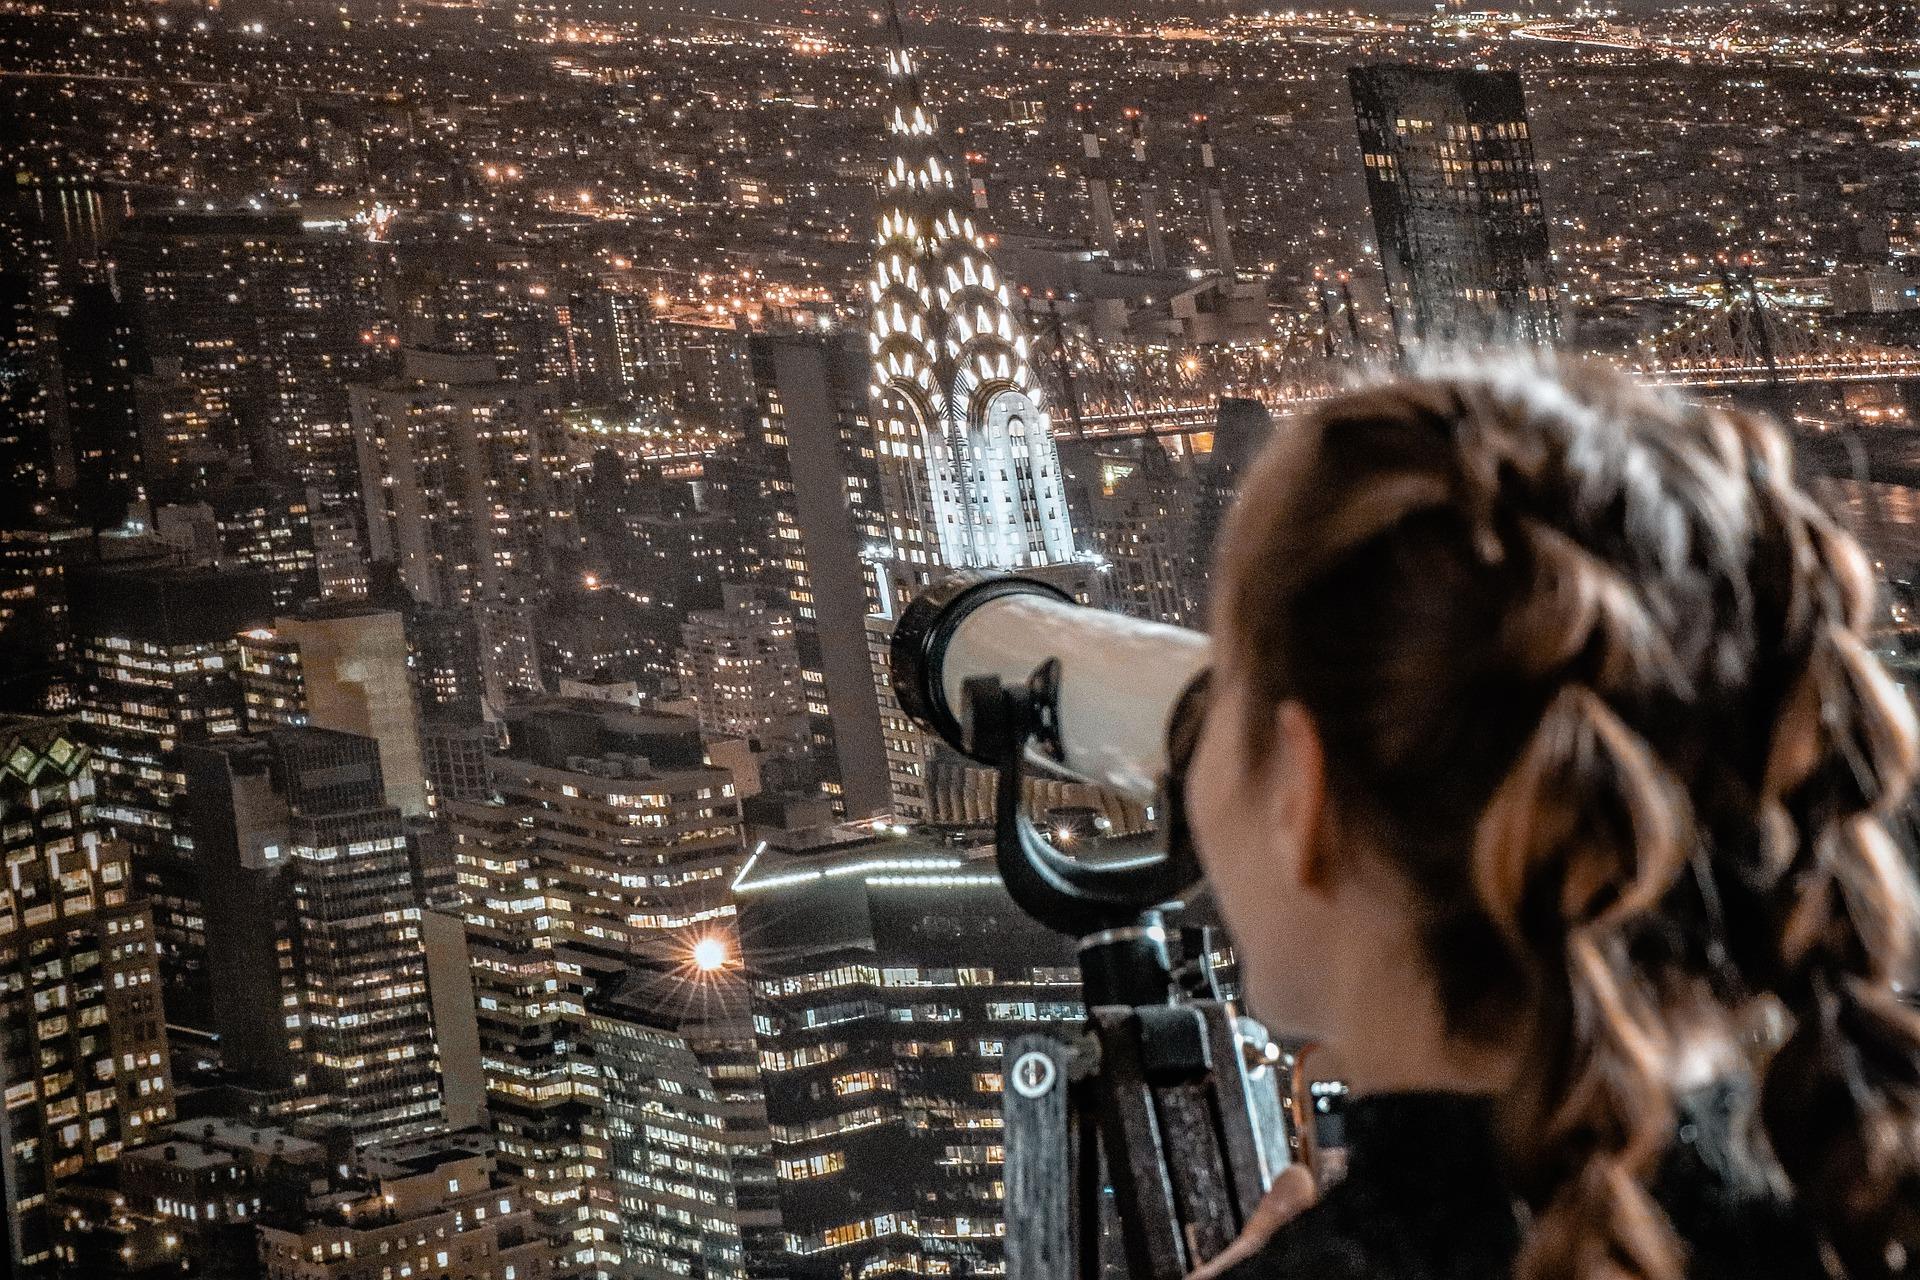 Hiukset palmikoituna oleva tyttö katselee kaukoputken läpi kohti New Yorkin maisemaa kattojen yläpuolelta.